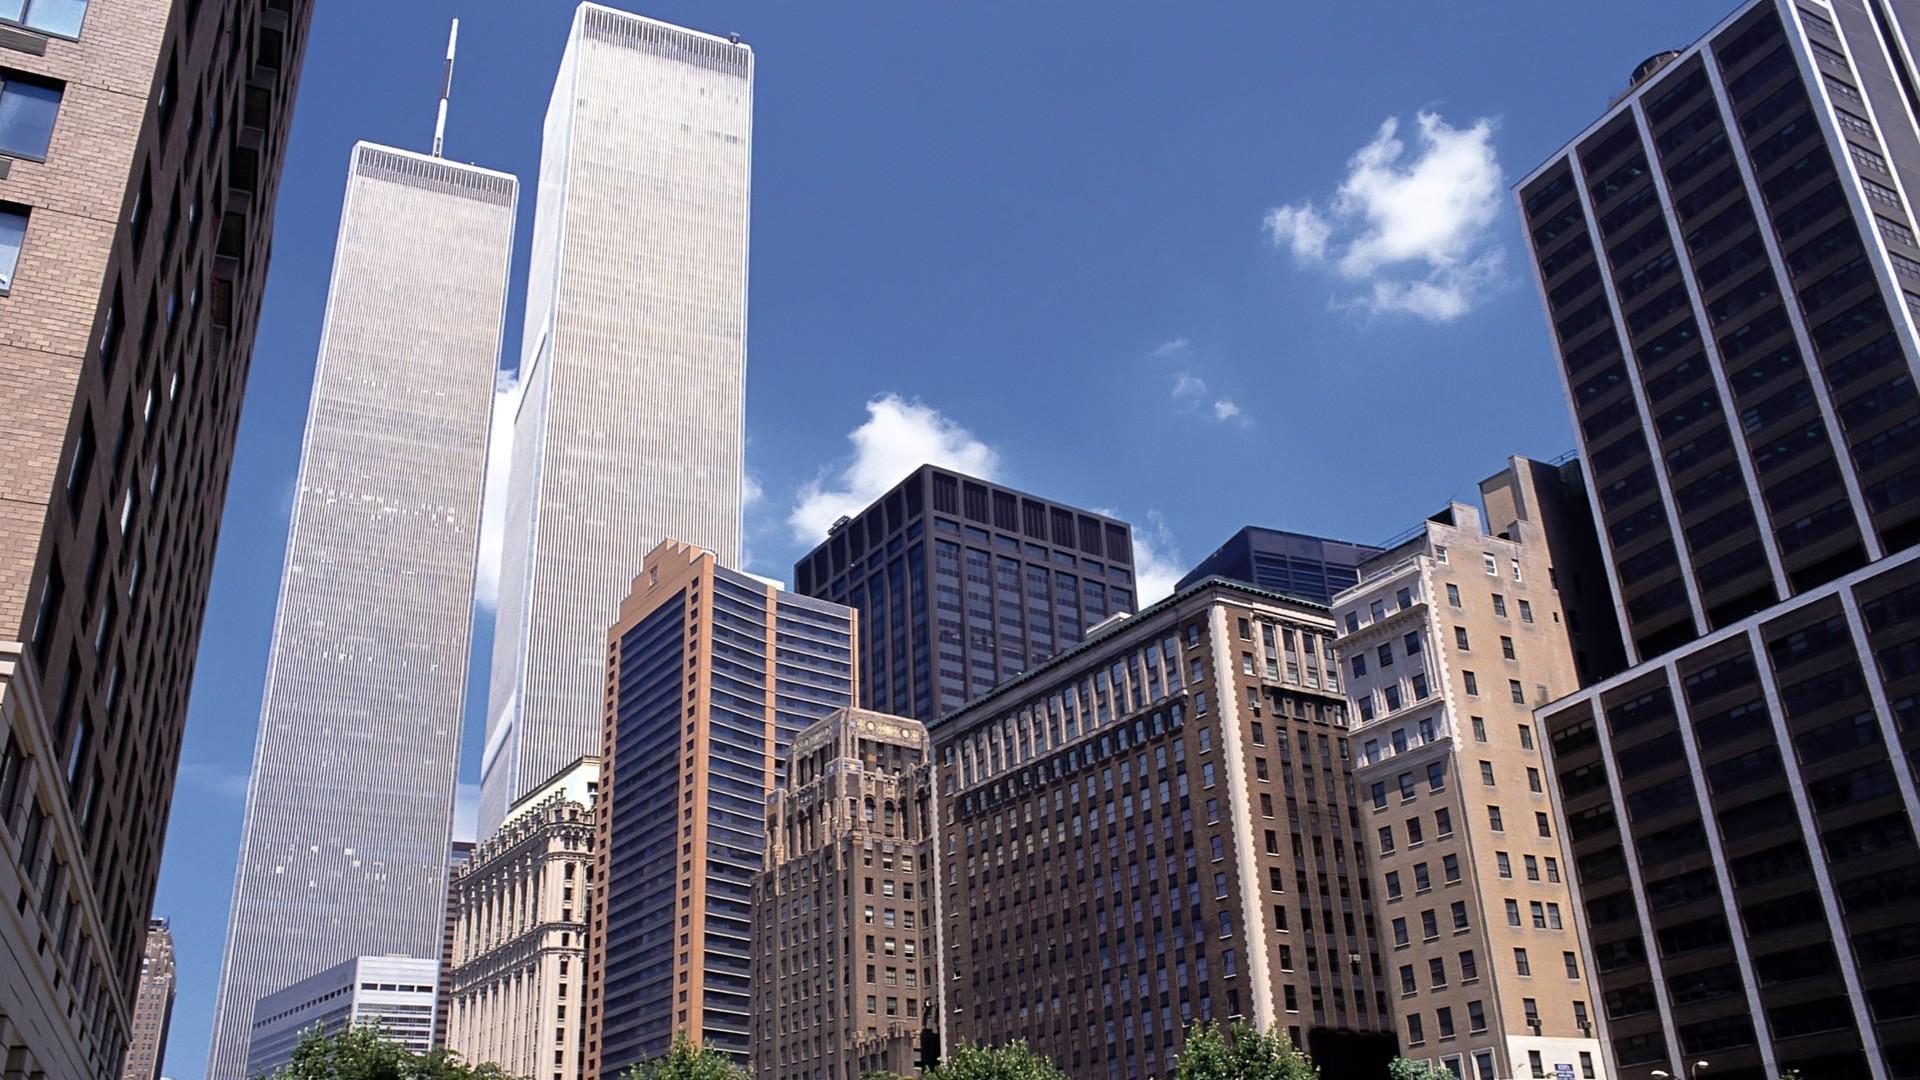 Res: 1920x1080, 911 Memorial twin towers wallpaper #14 - .